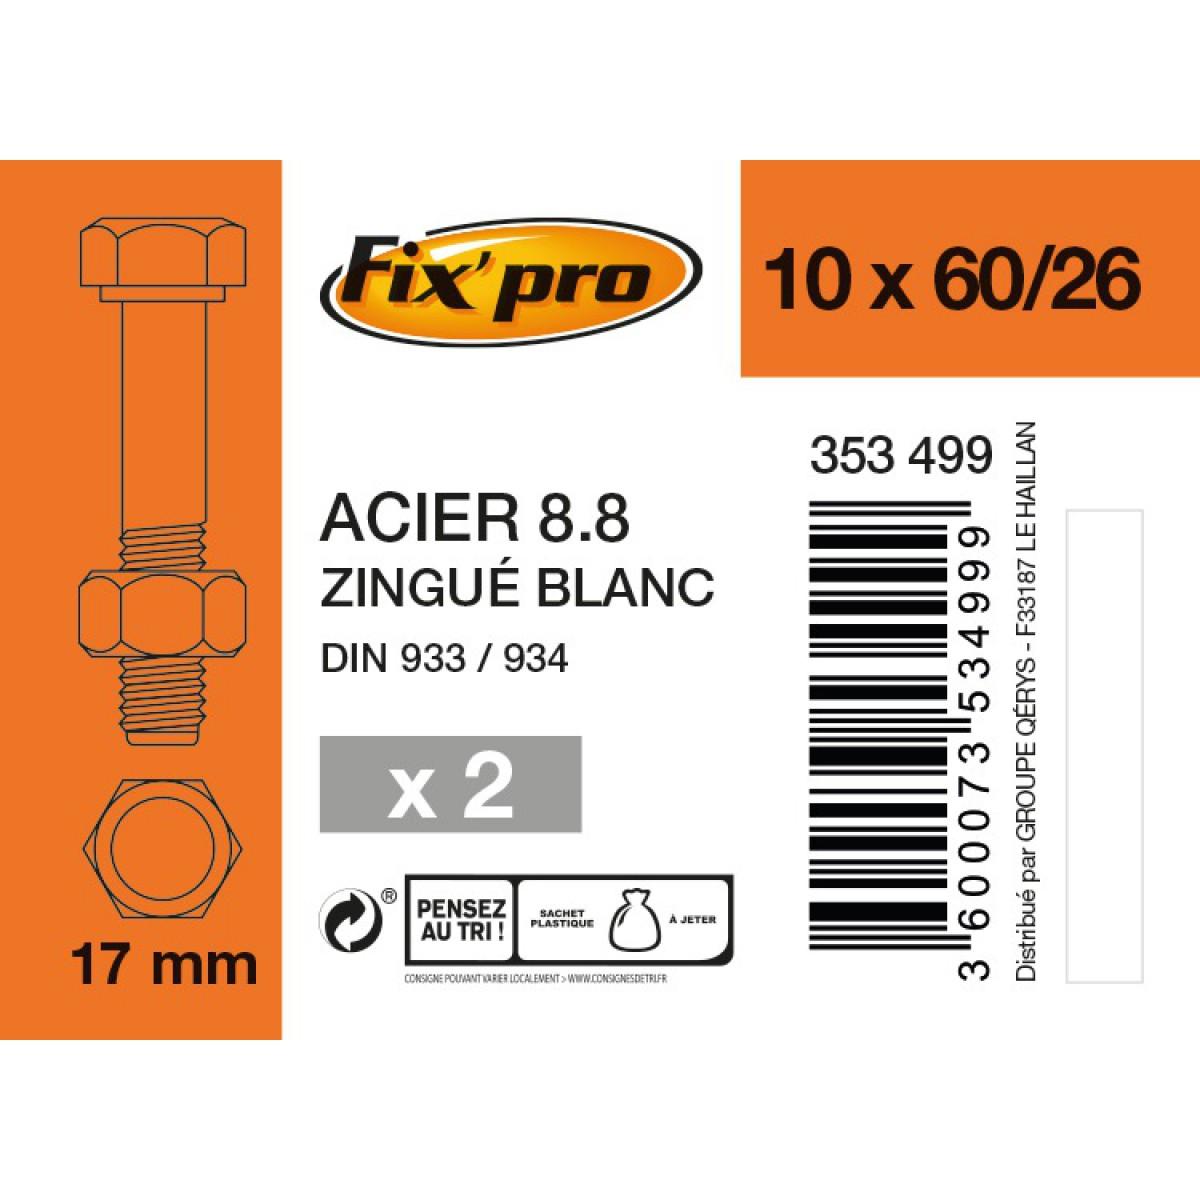 Boulon 6 pans tête hexagonale 8.8 acier zingué - 10x60/26 - 2pces - Fixpro